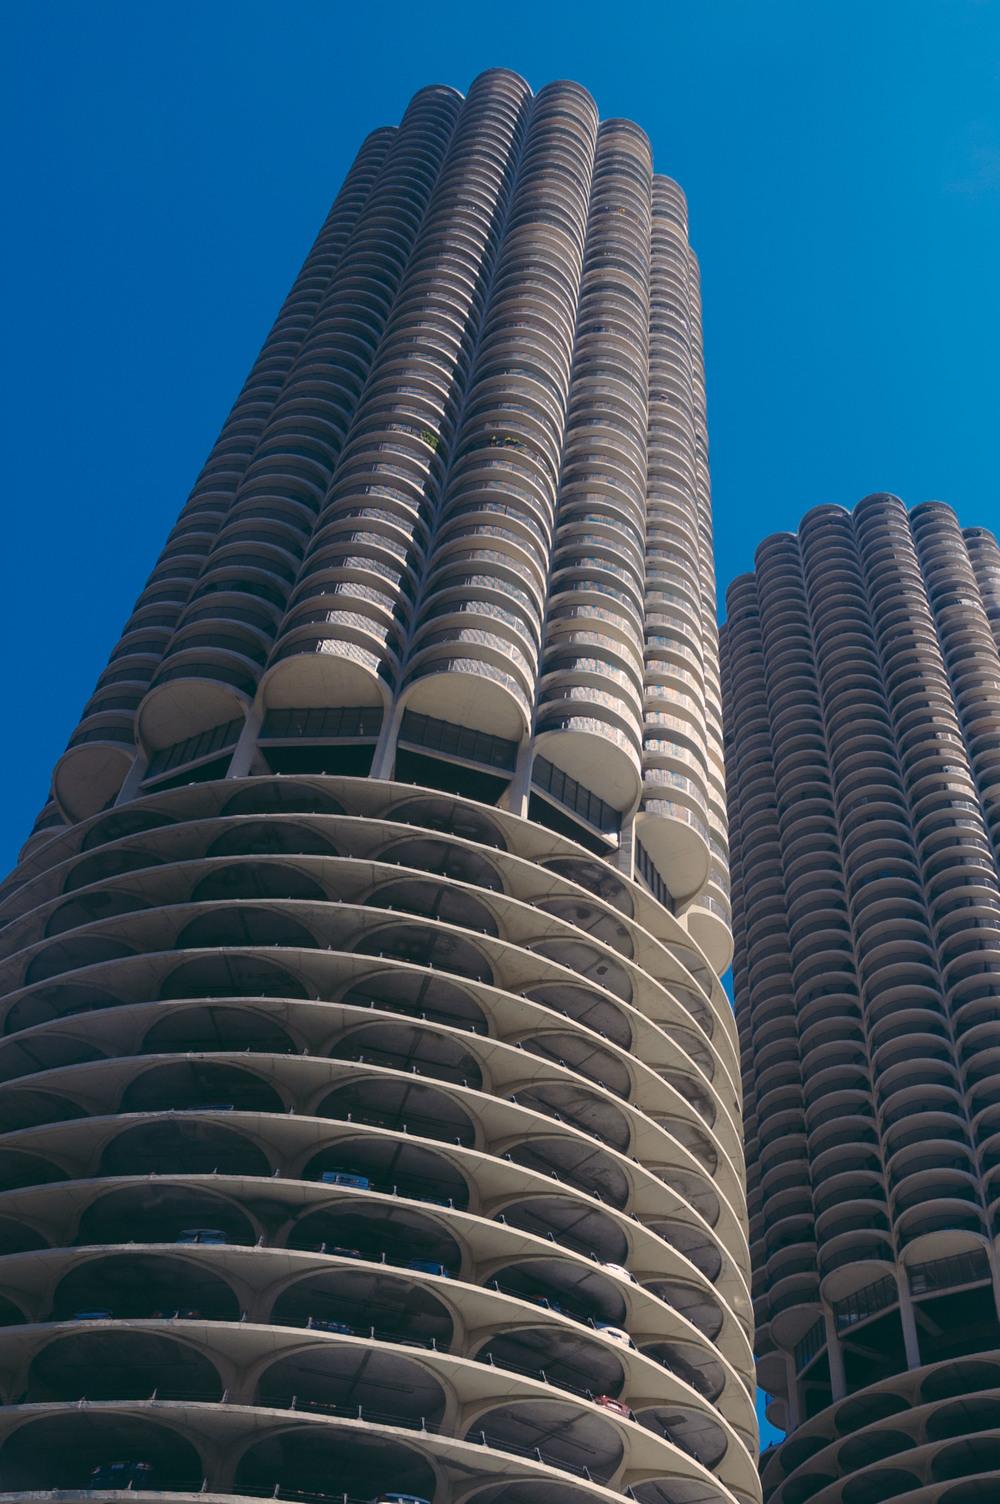 2008_0713_D70_ChicagoBoatTour_DSC_0113.jpg